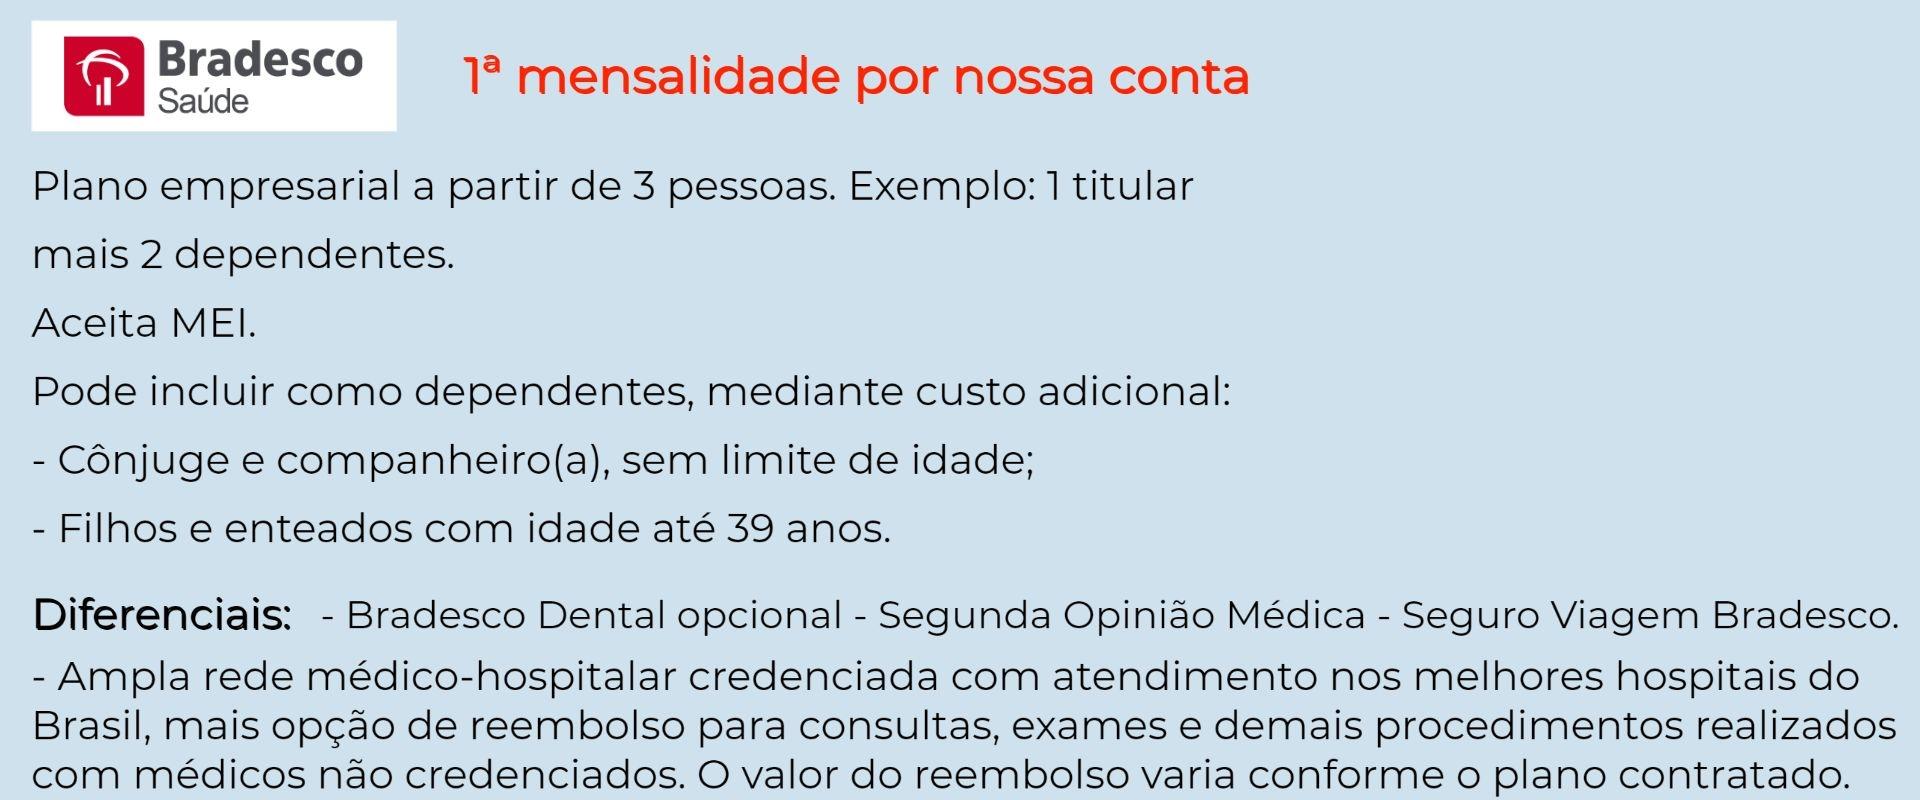 Bradesco Saúde Empresarial – Mineiros